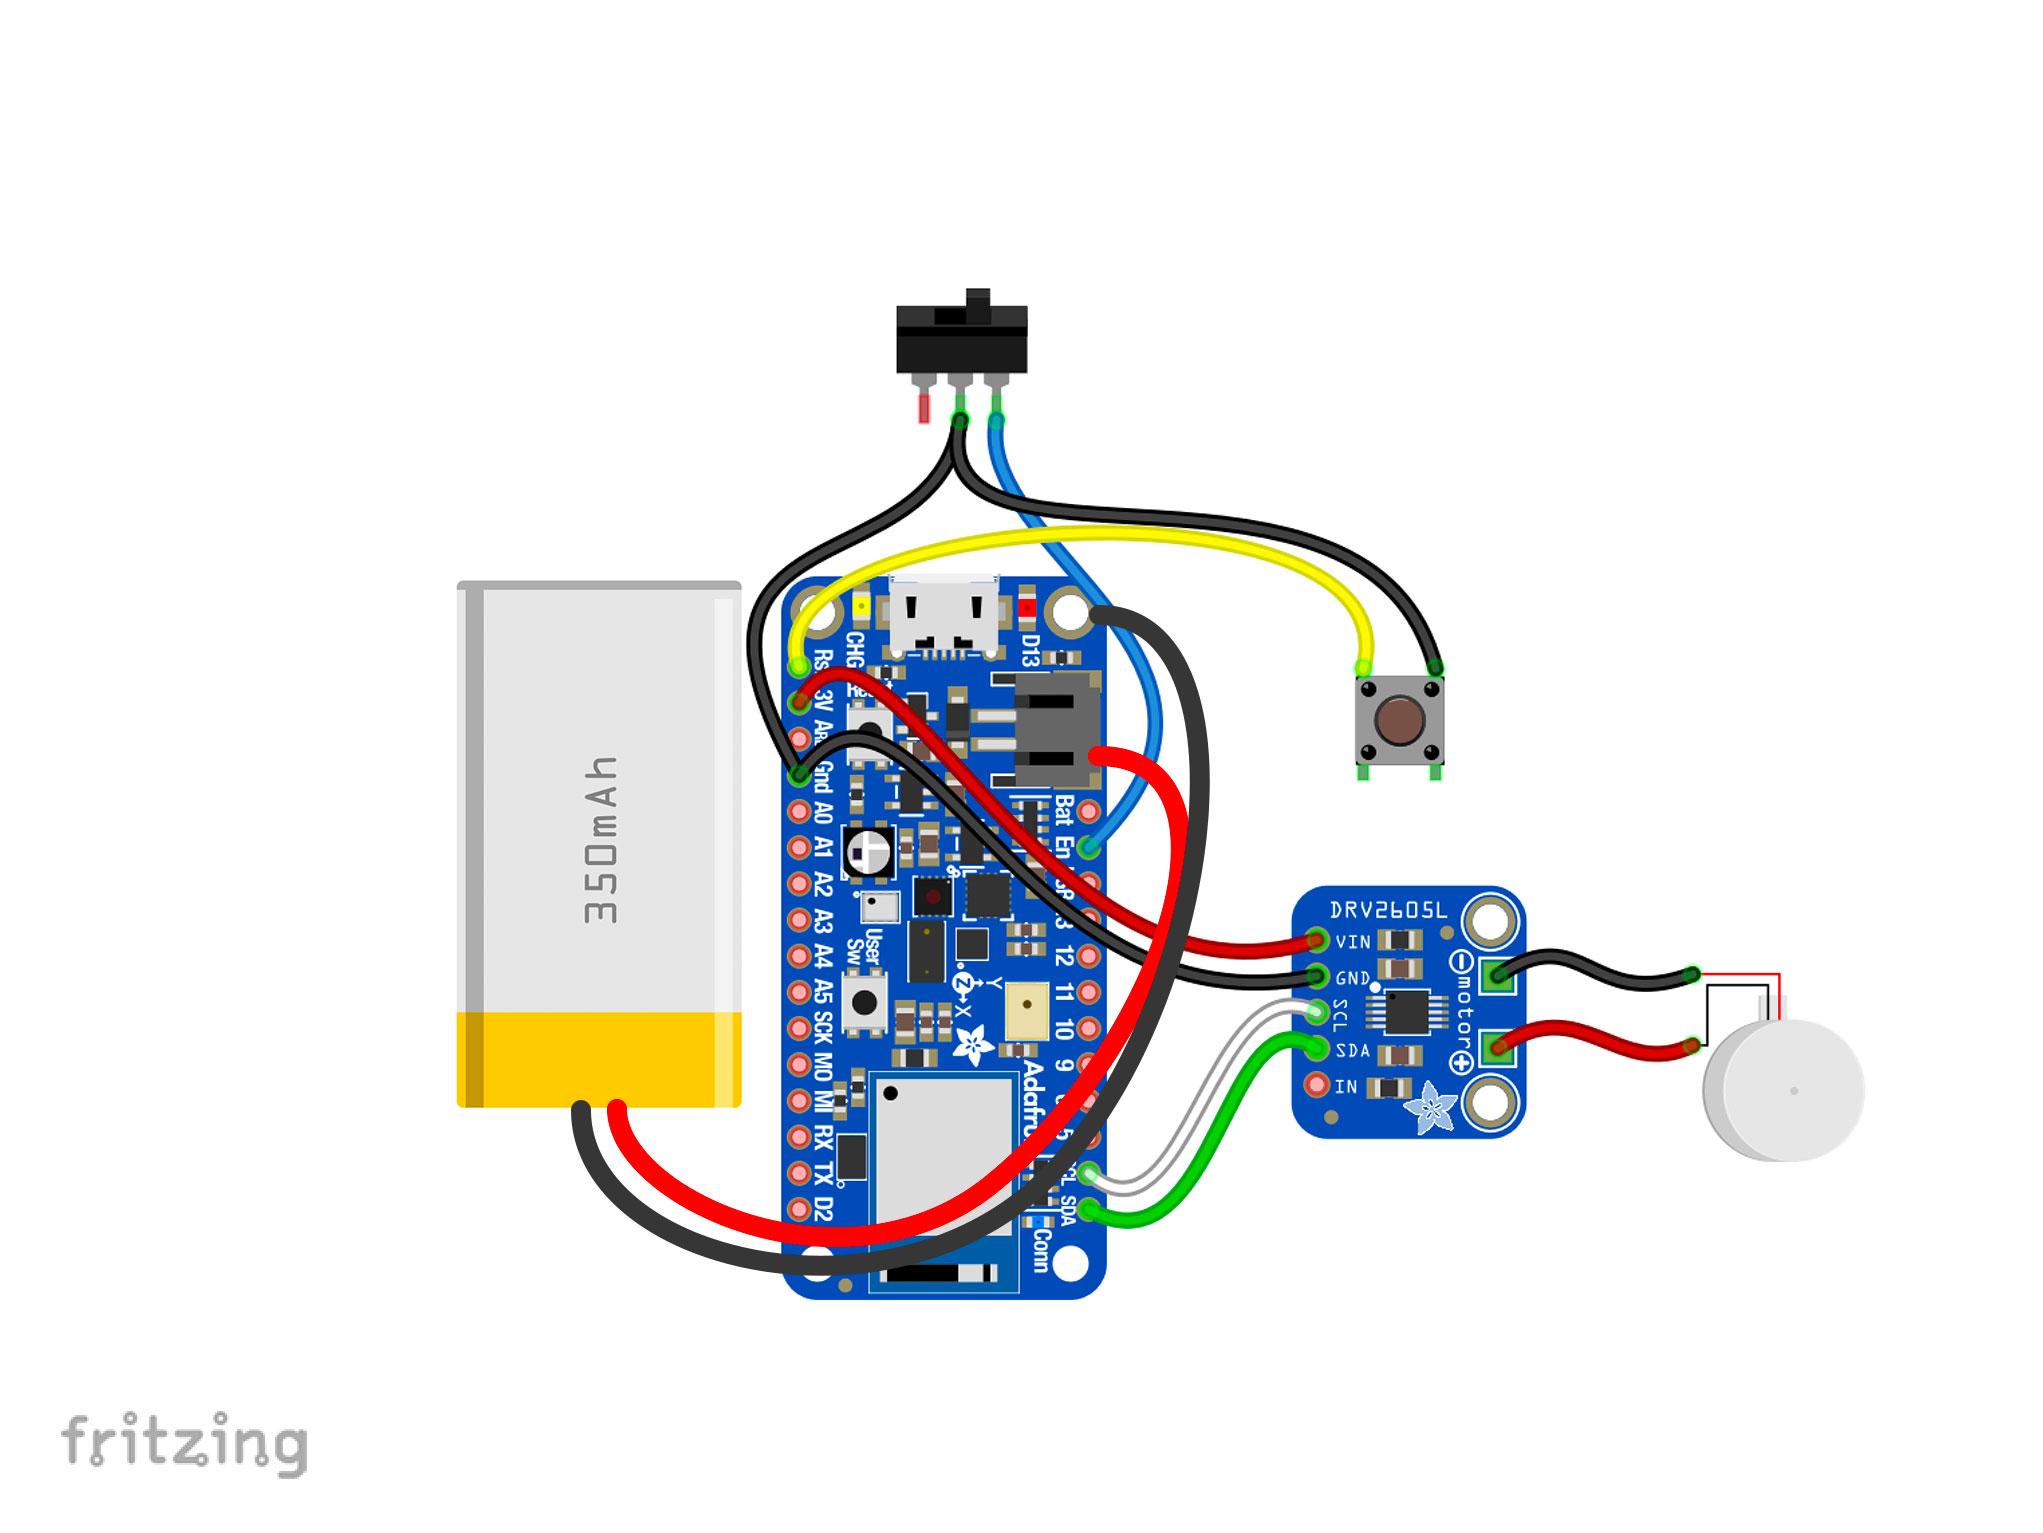 3d_printing_circuit-diagram-update.jpg